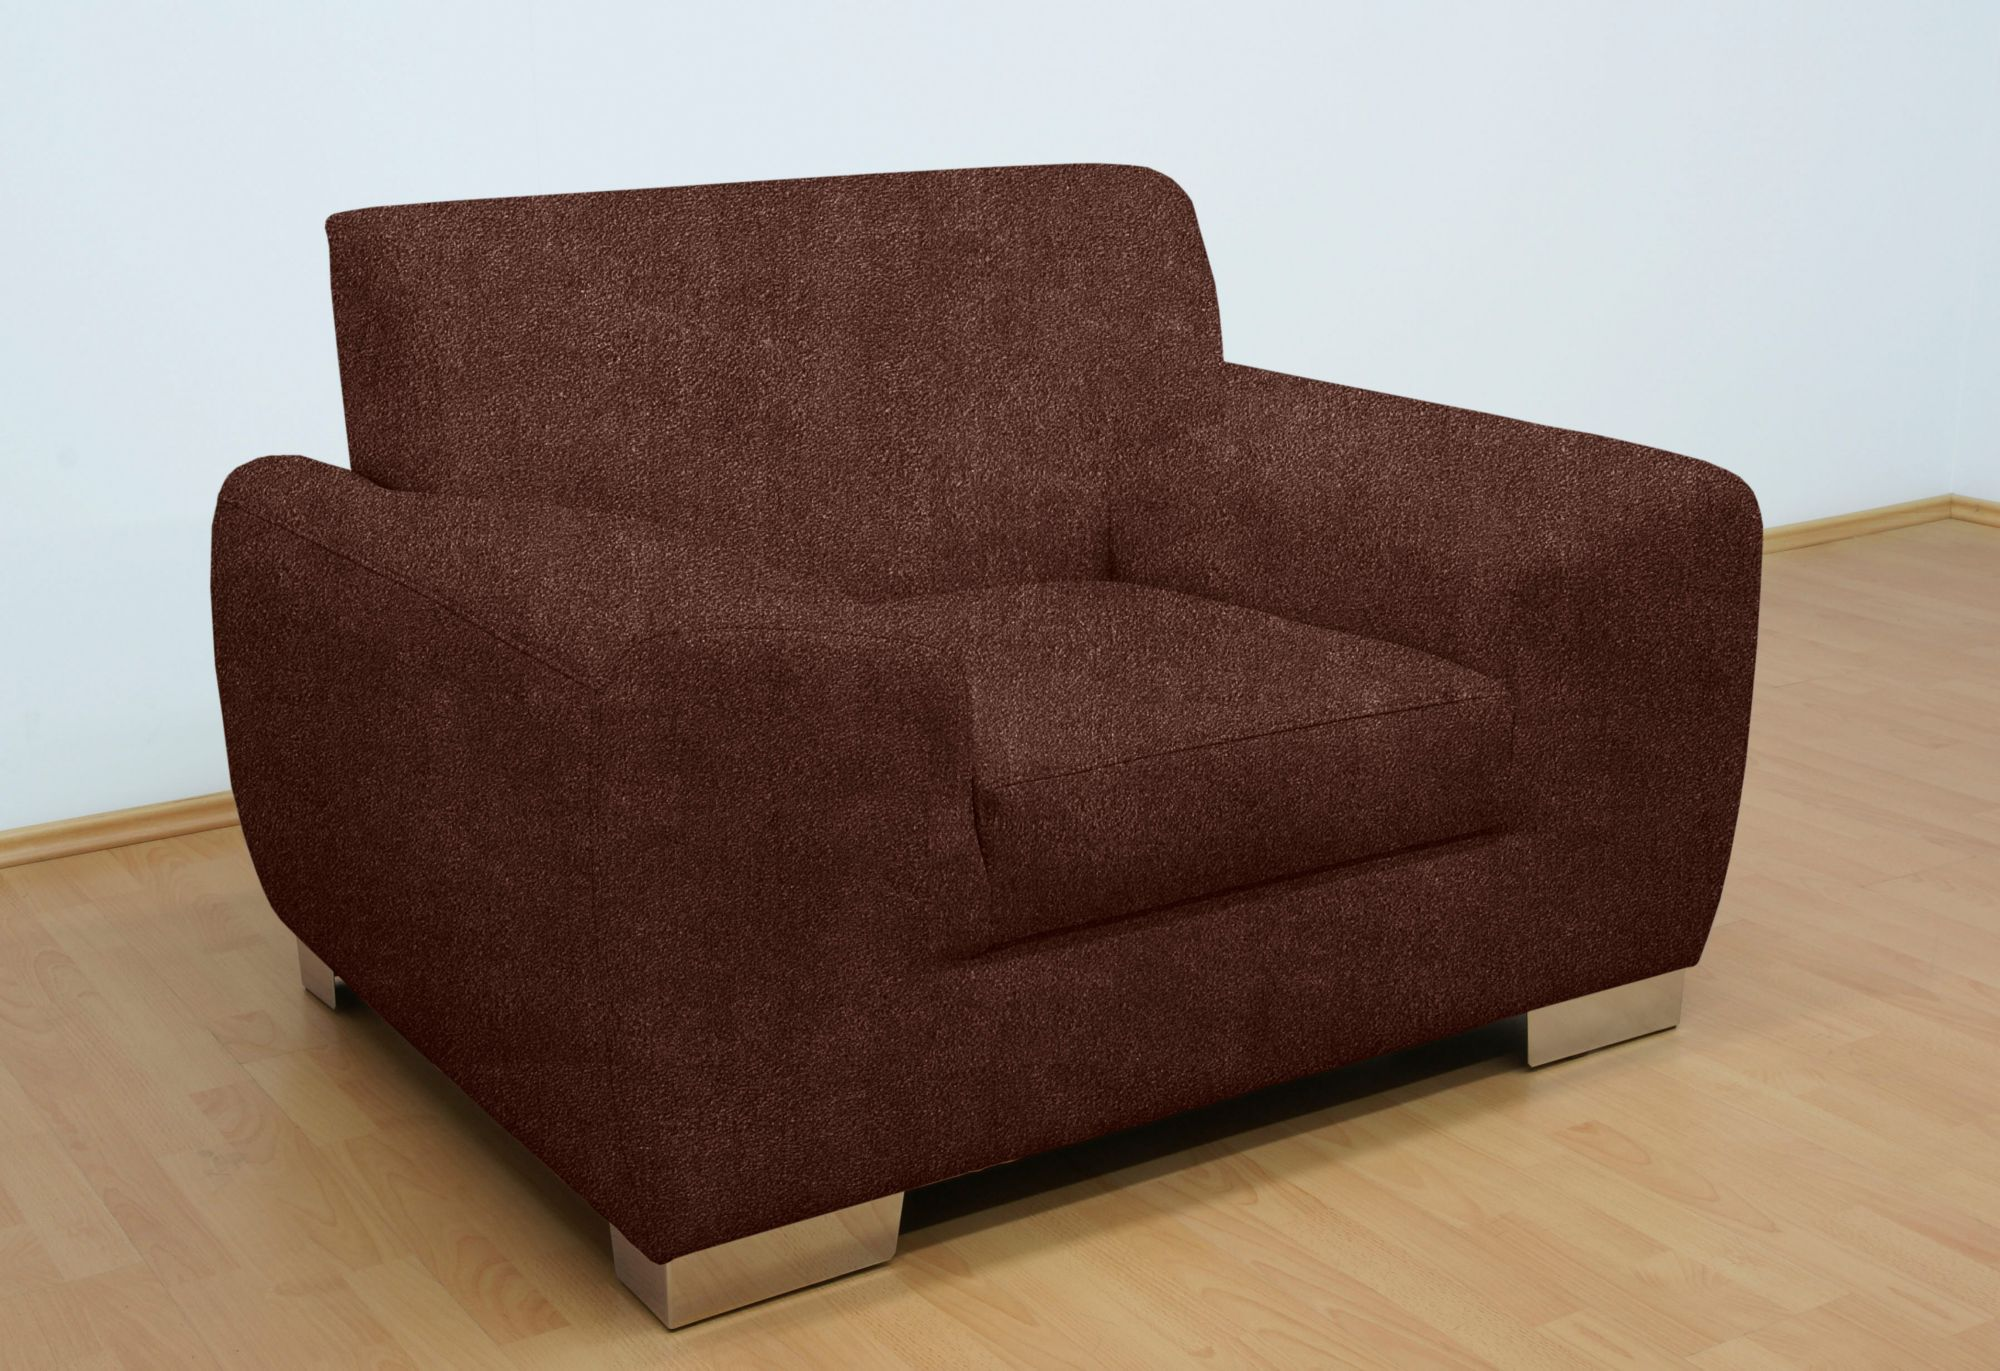 sessel g nstig online kaufen beim schwab versand. Black Bedroom Furniture Sets. Home Design Ideas